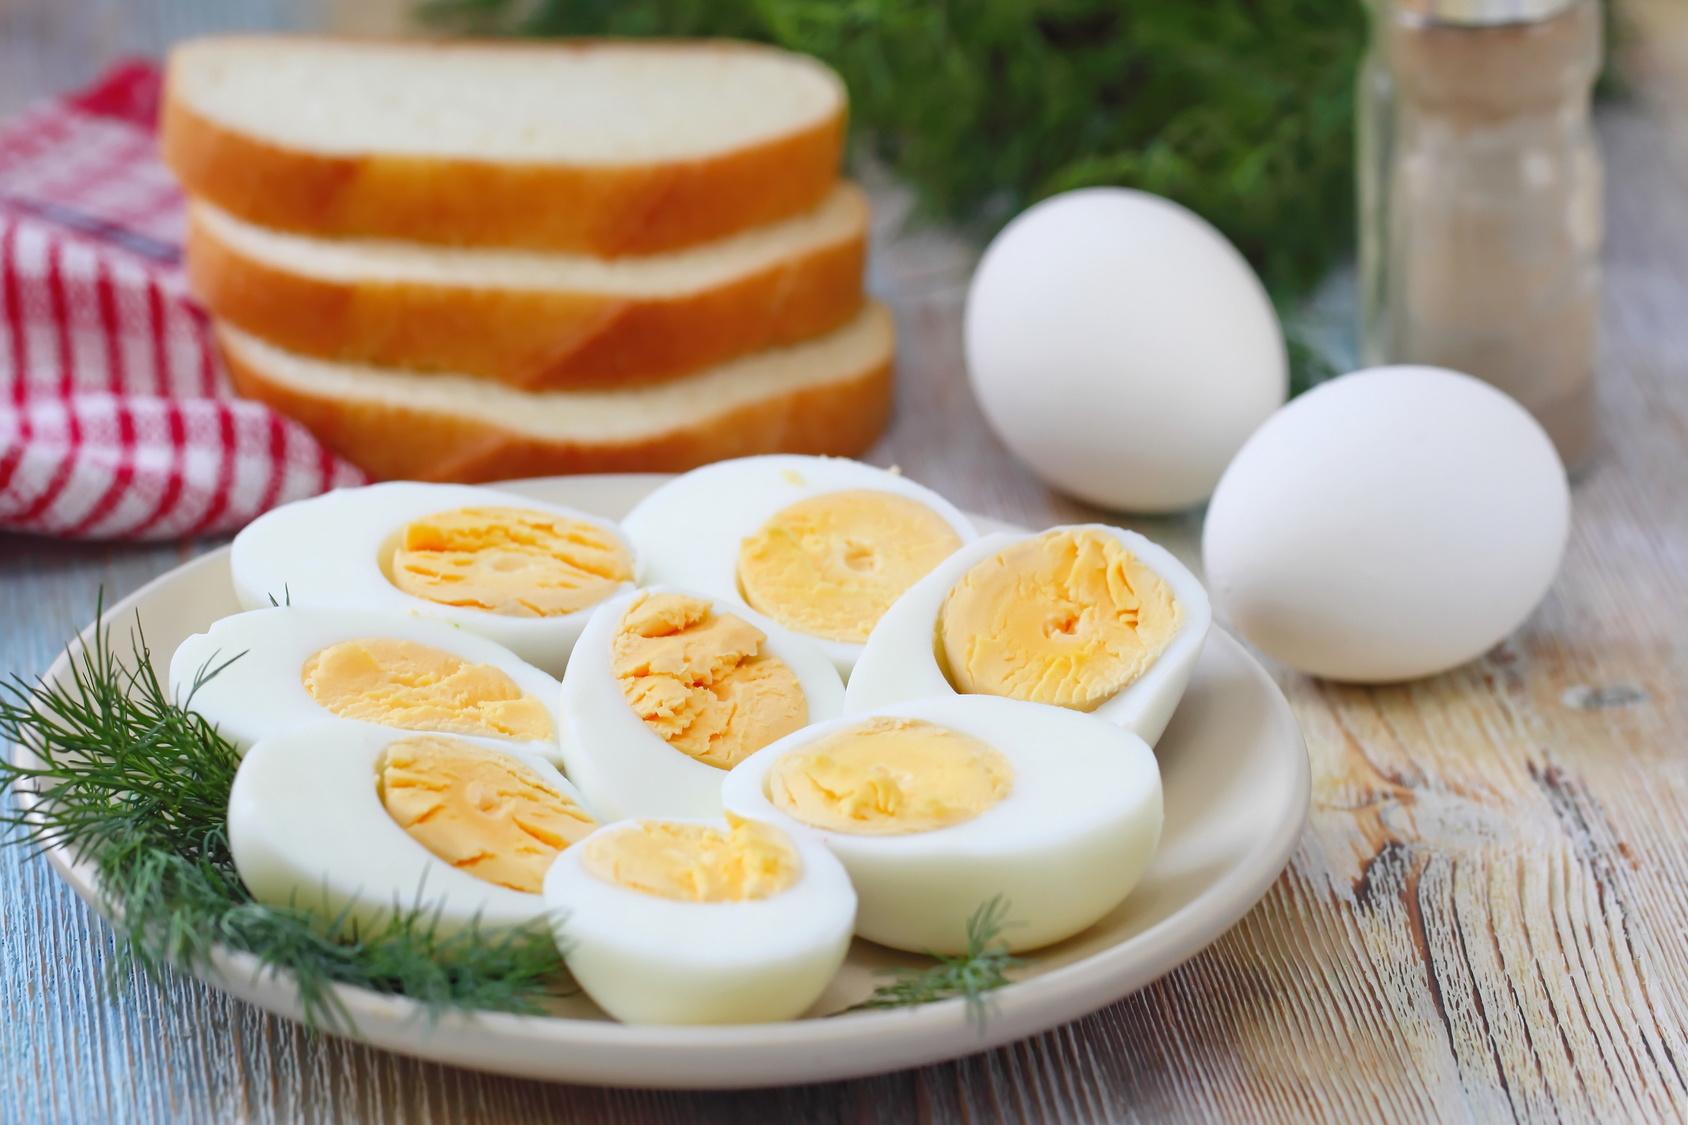 O ovo é fonte de vitaminas A, D, E e B12, que, de uma maneira geral fazem bem aos olhos, pele, ossos e memória, respectivamente Foto: Markus Mainka/Fotolia